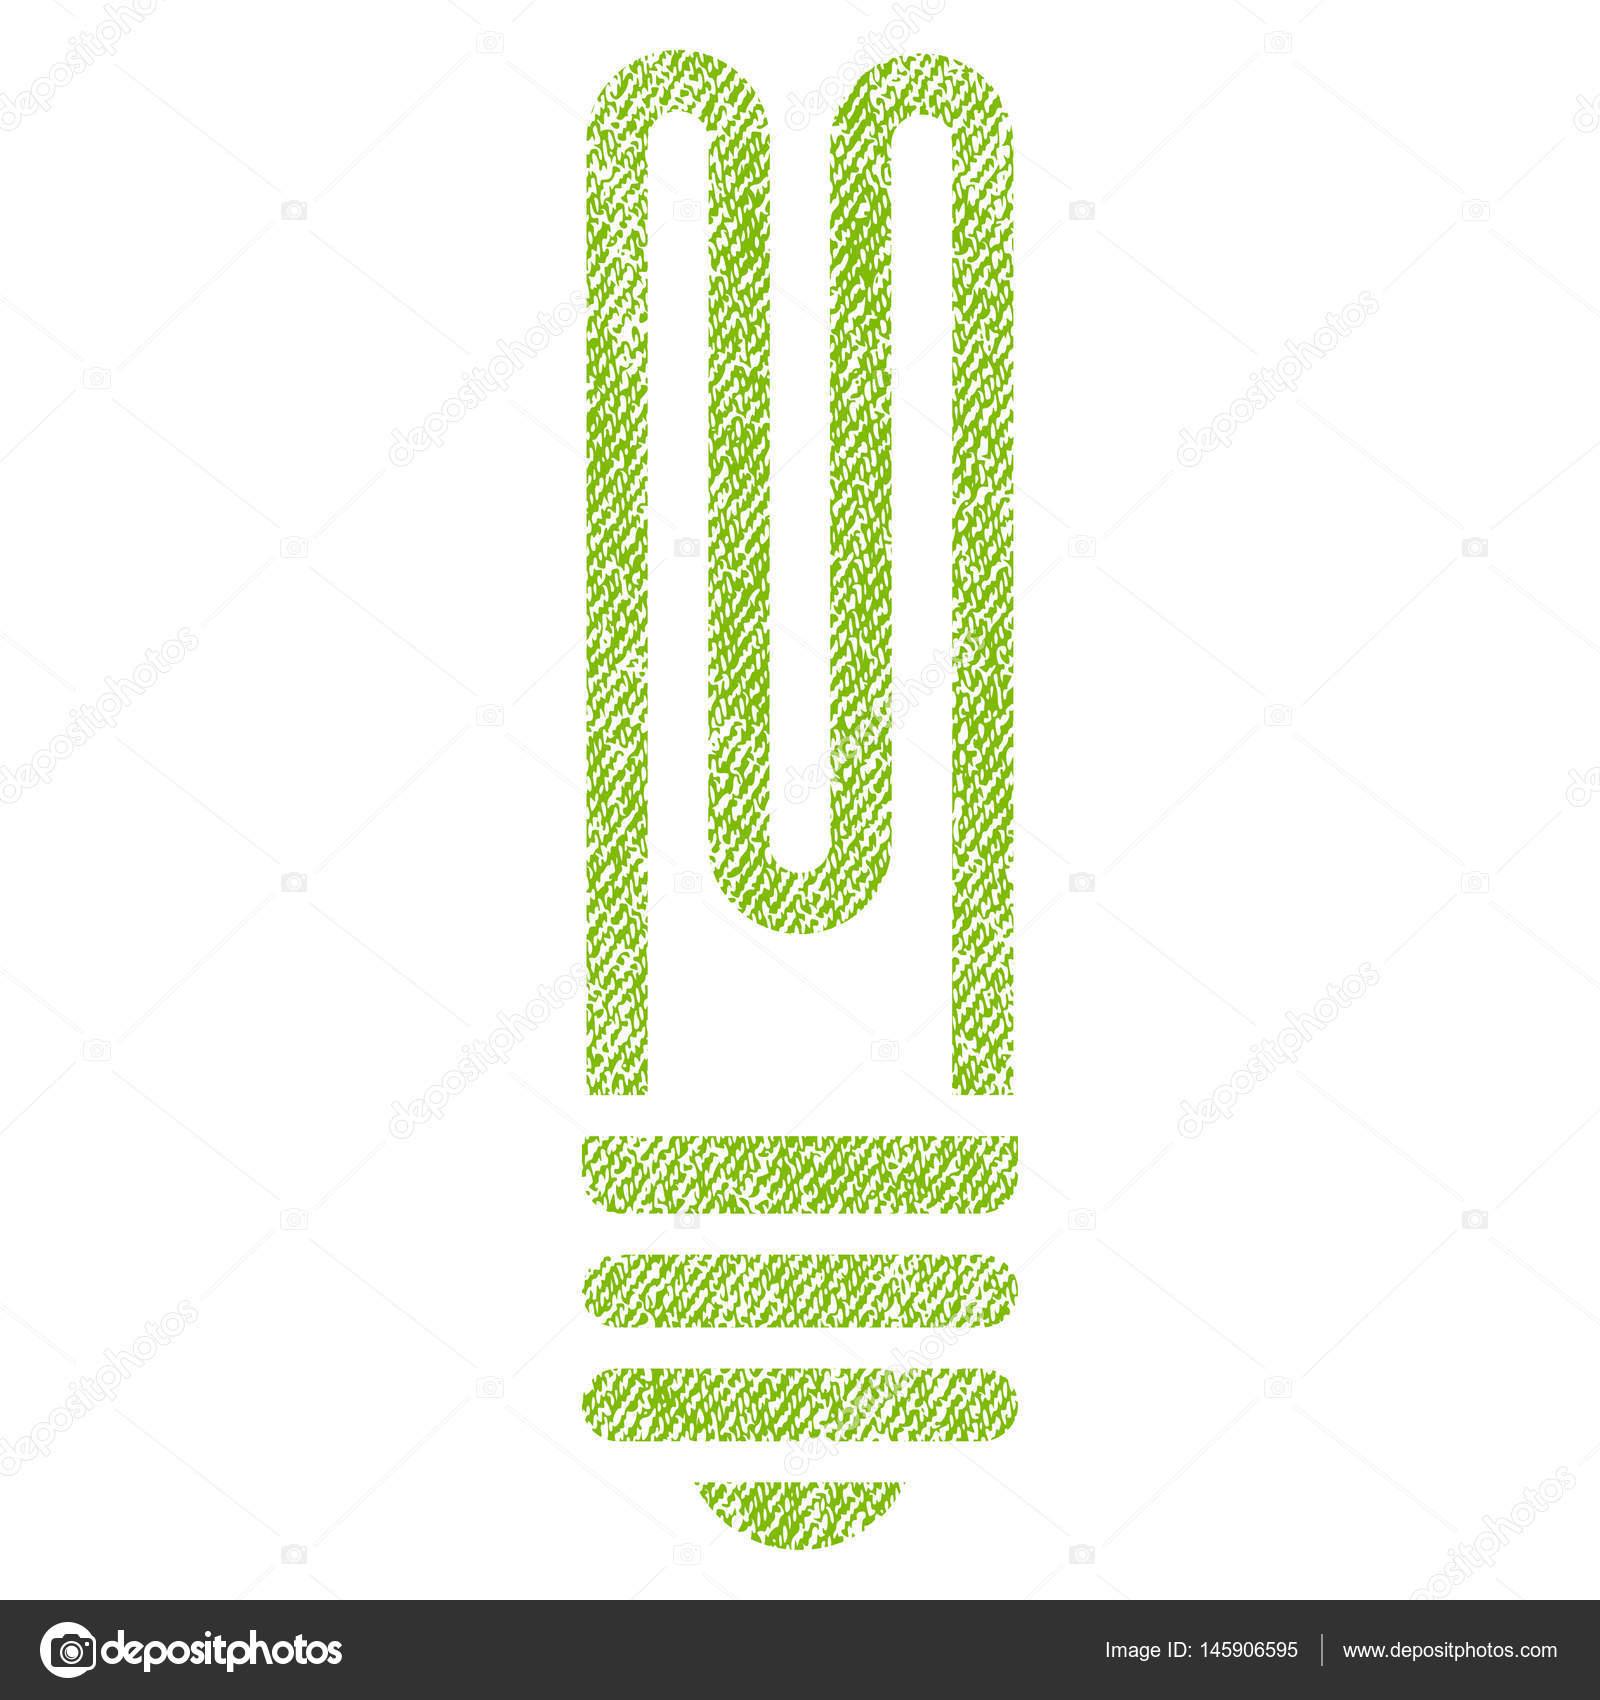 荧光灯泡矢量叠加水印邮票质感的图标.亮绿色的布料矢量纹理.图片